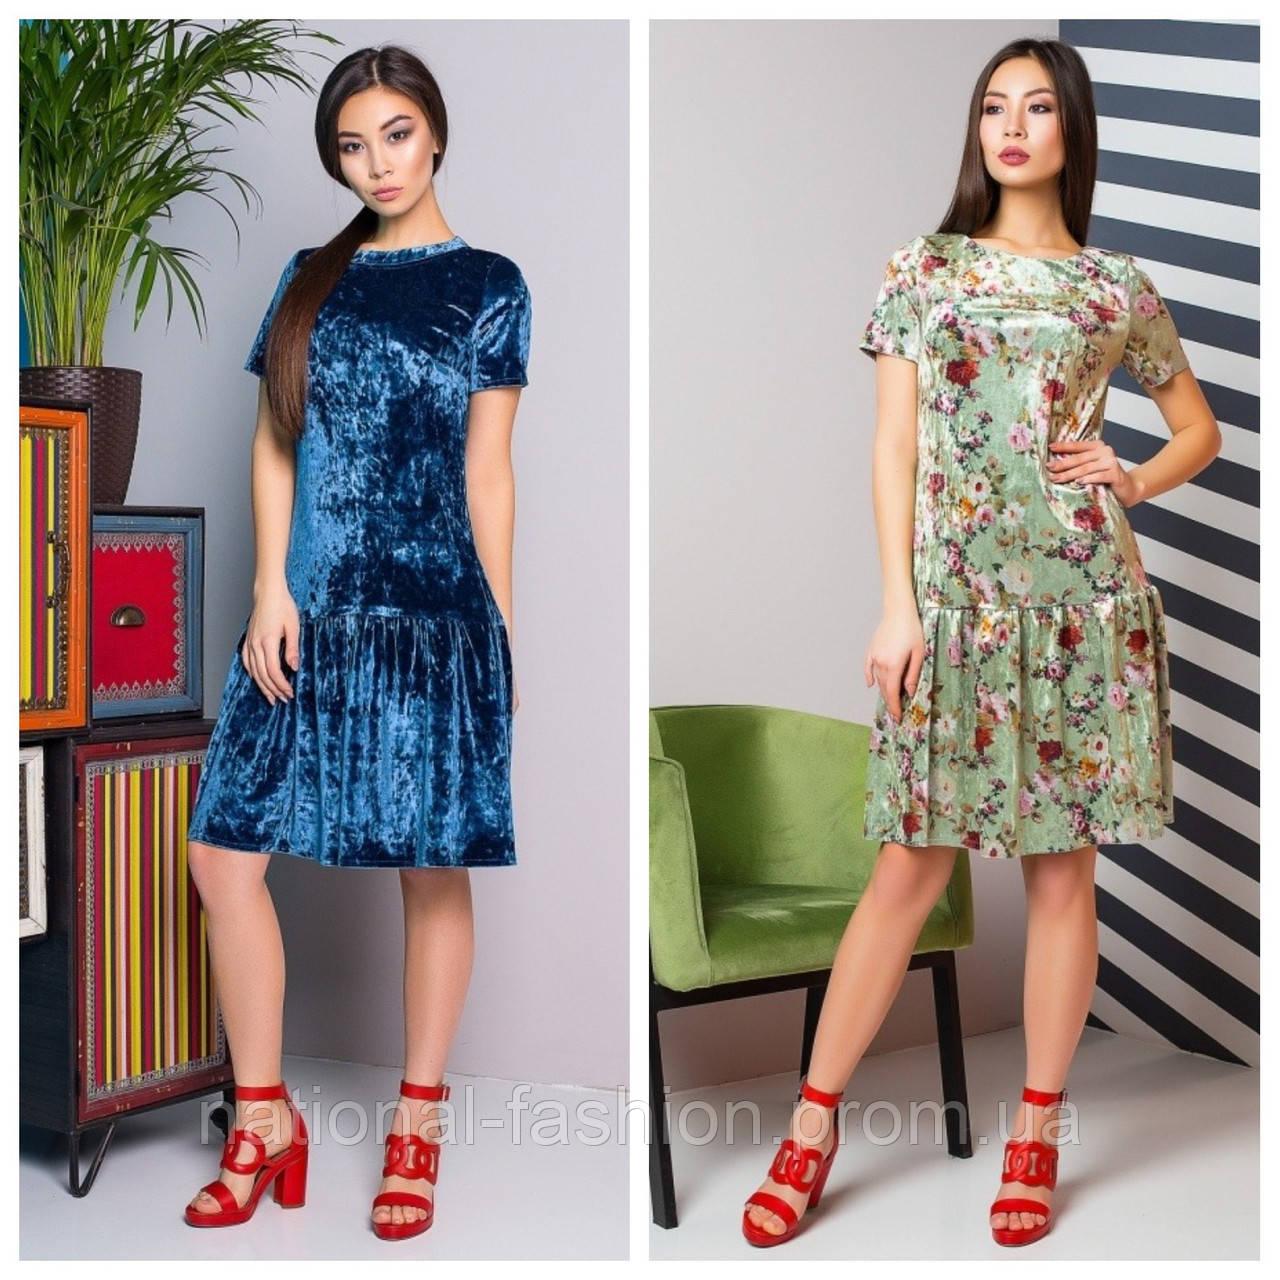 Женское Платье - Миди из велюра №70830-31 (р.XS-L)